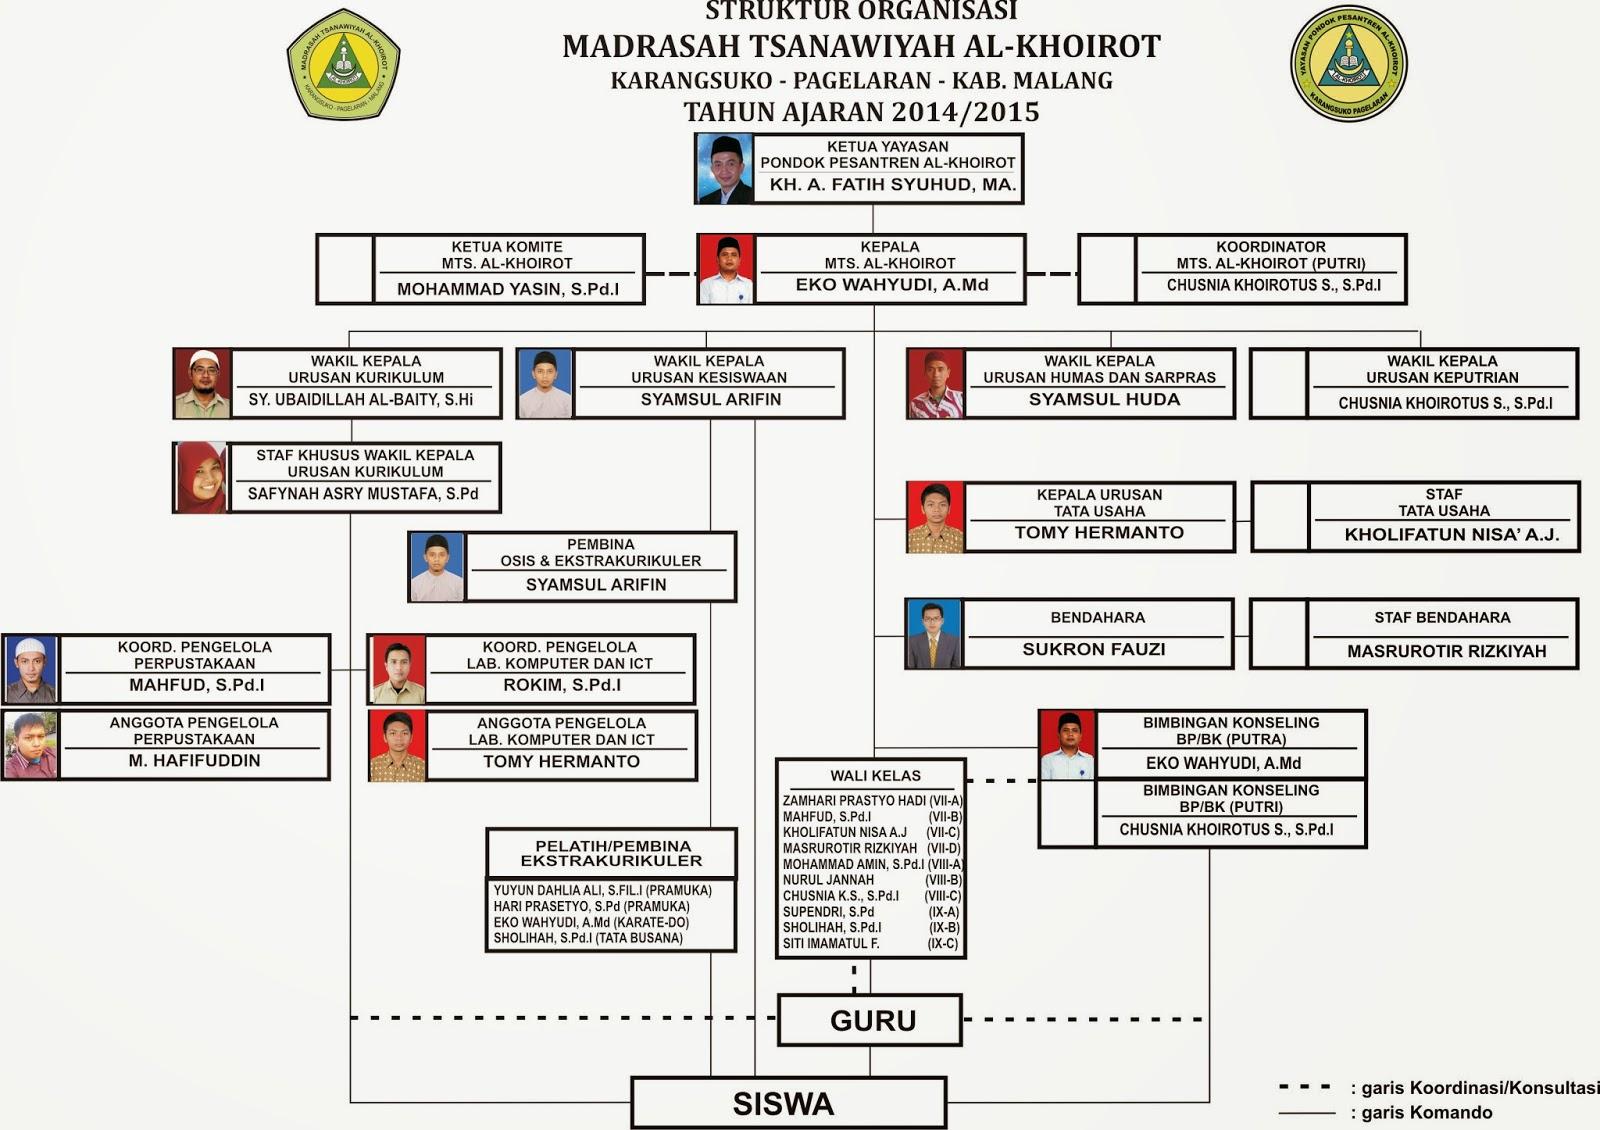 struktur organisasi 2014 madrasah tsanawiyah alkhoirot